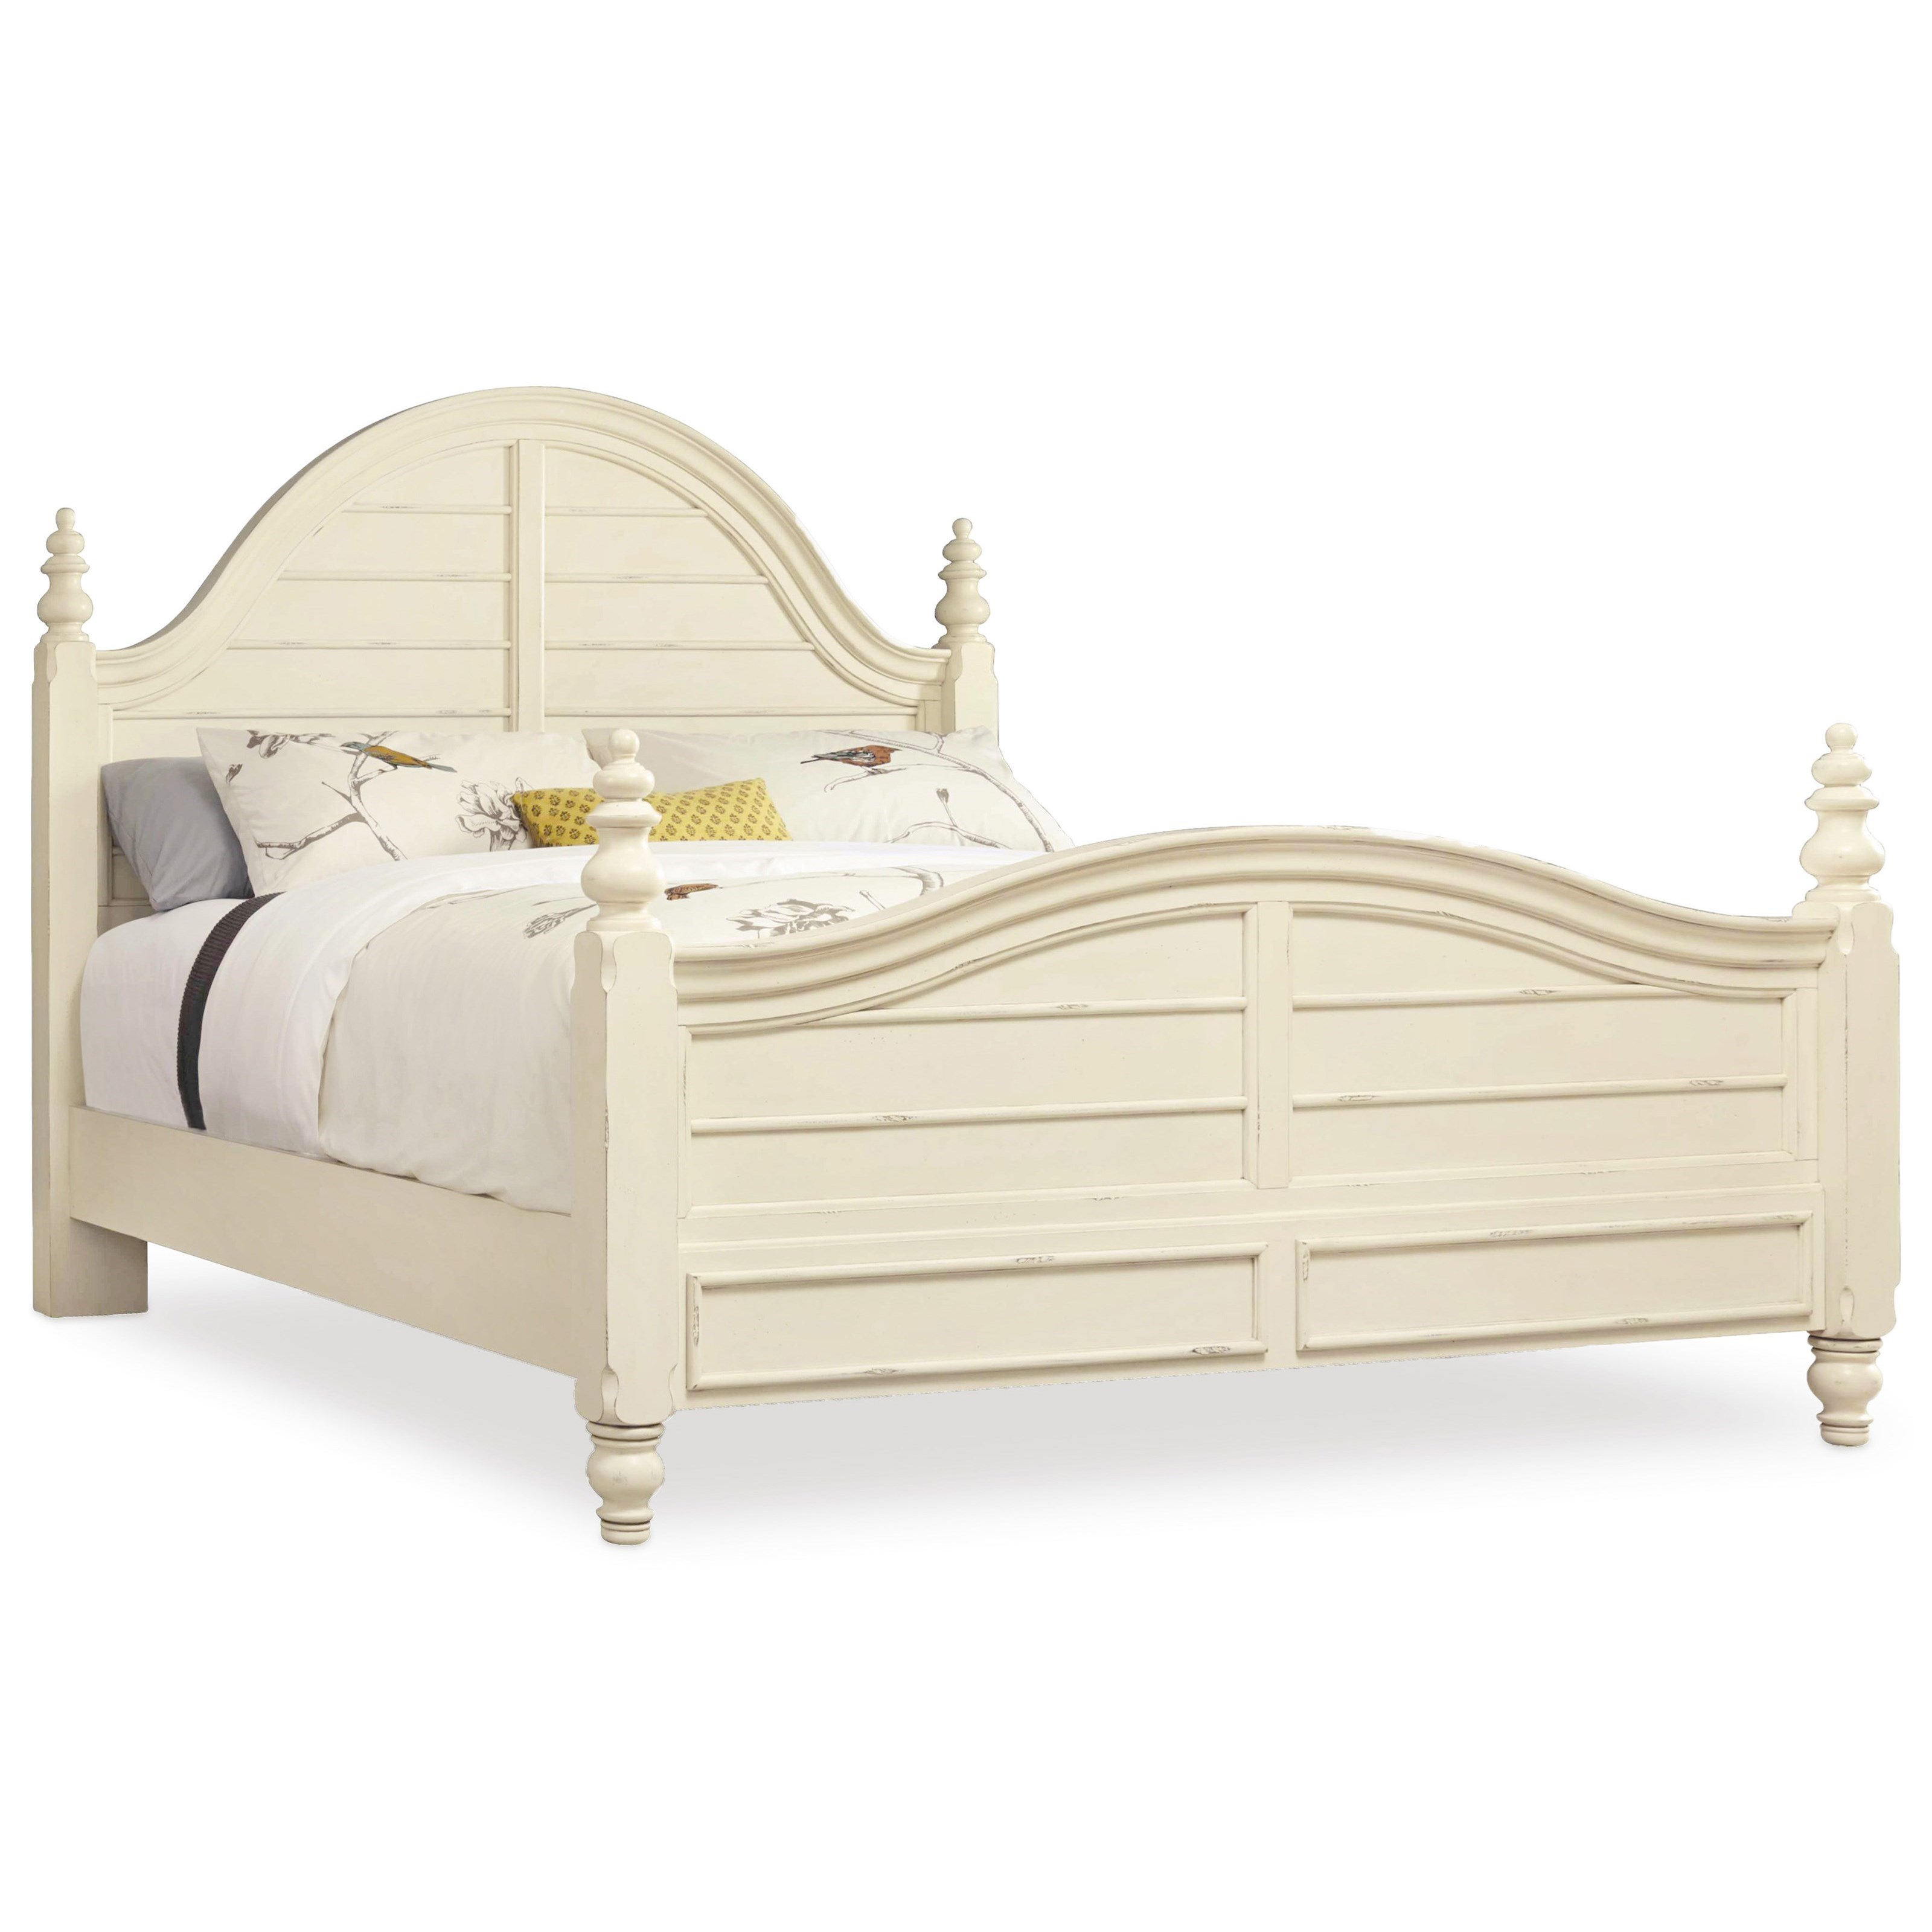 Queen Wood Panel Bed